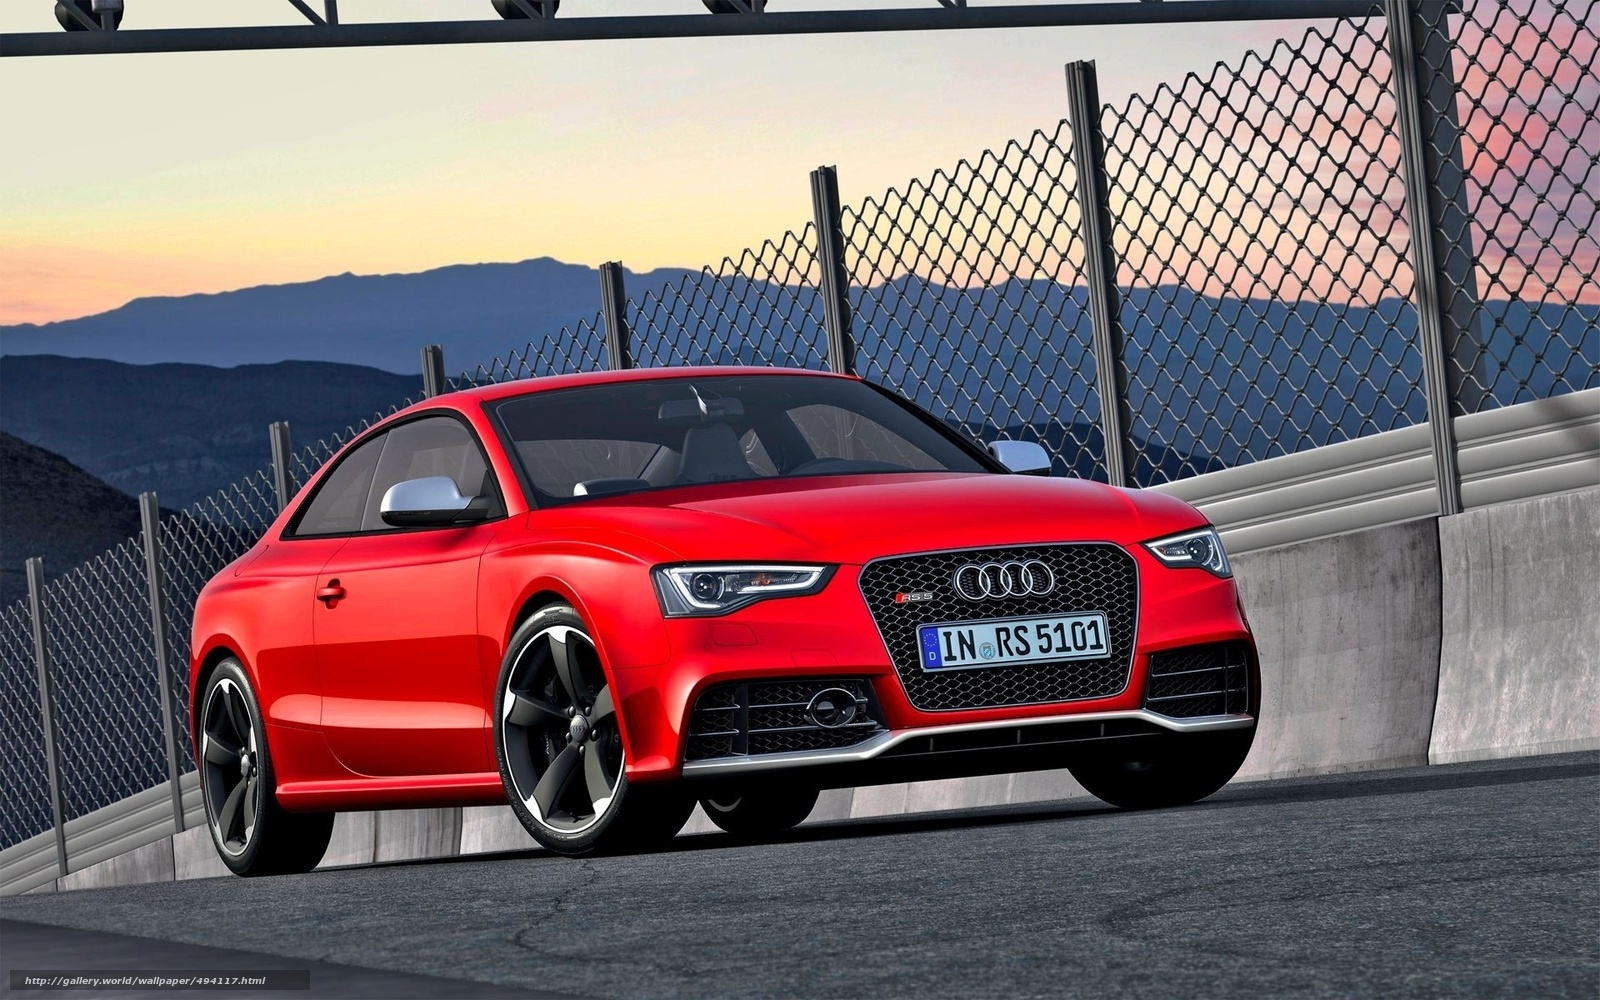 Download Hintergrund Audi,  Auto,  Maschine,  Autos Freie desktop Tapeten in der Auflosung 1920x1200 — bild №494117